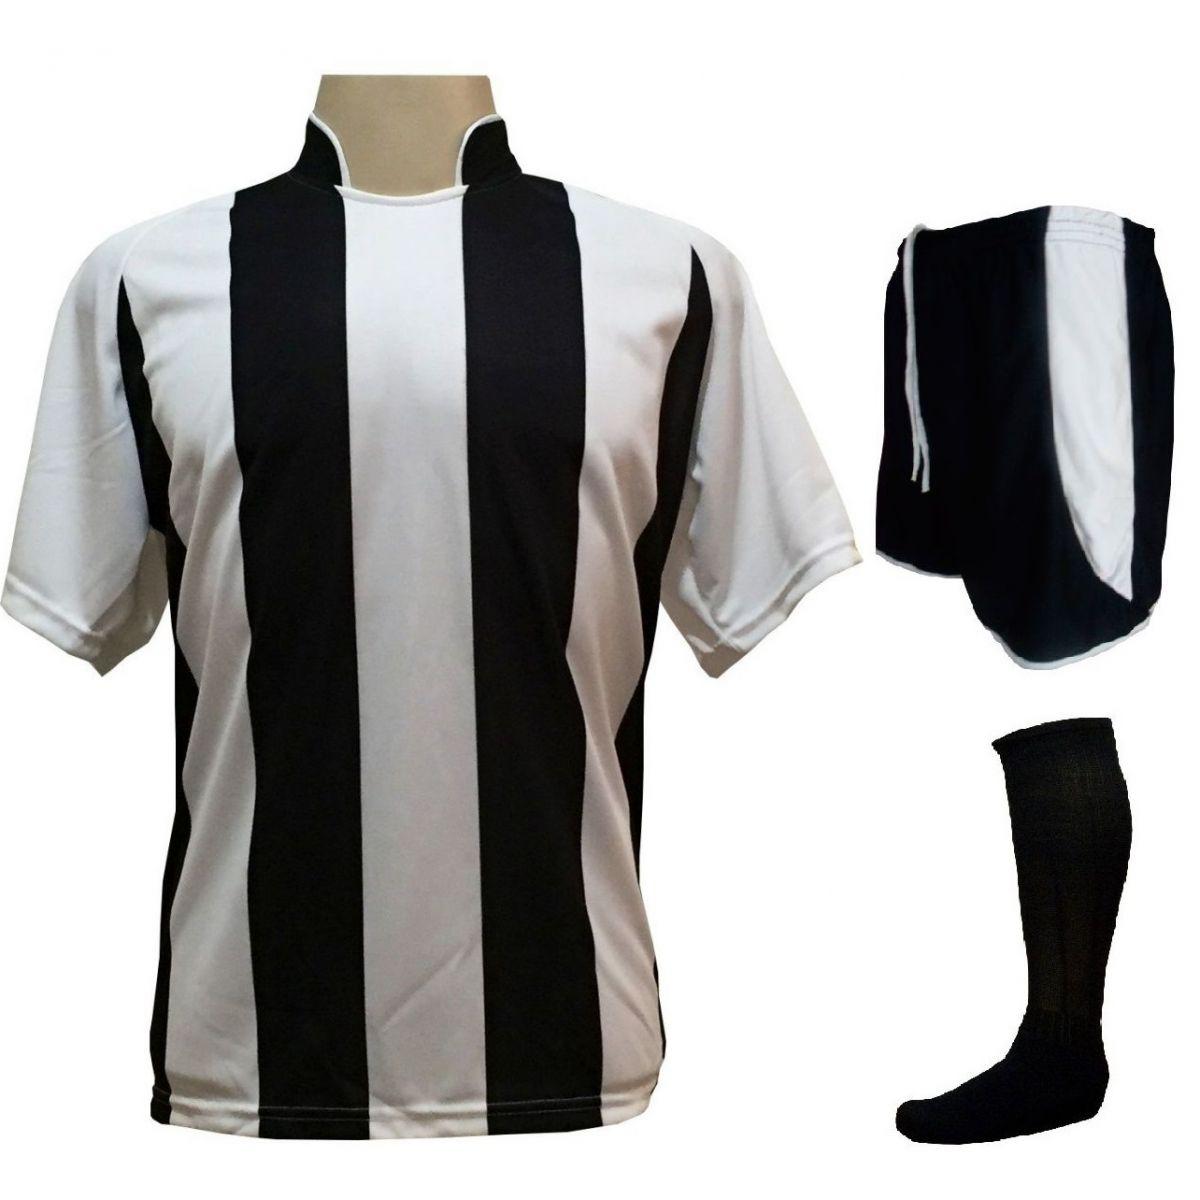 28041f349a96c Uniforme Esportivo com 18 camisas modelo Milan Branco Preto + 18 calções  modelo Copa Preto ...